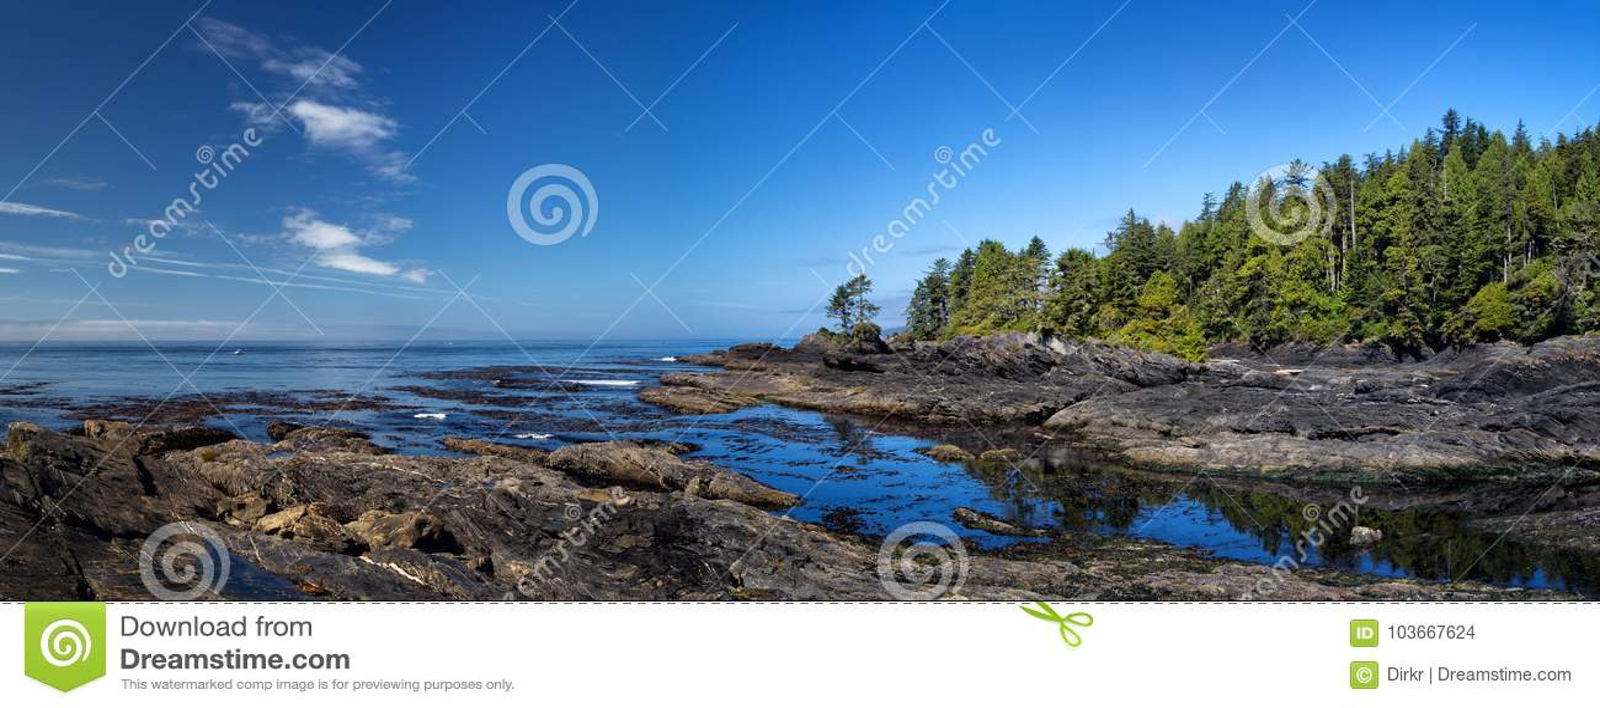 Botanisch strand